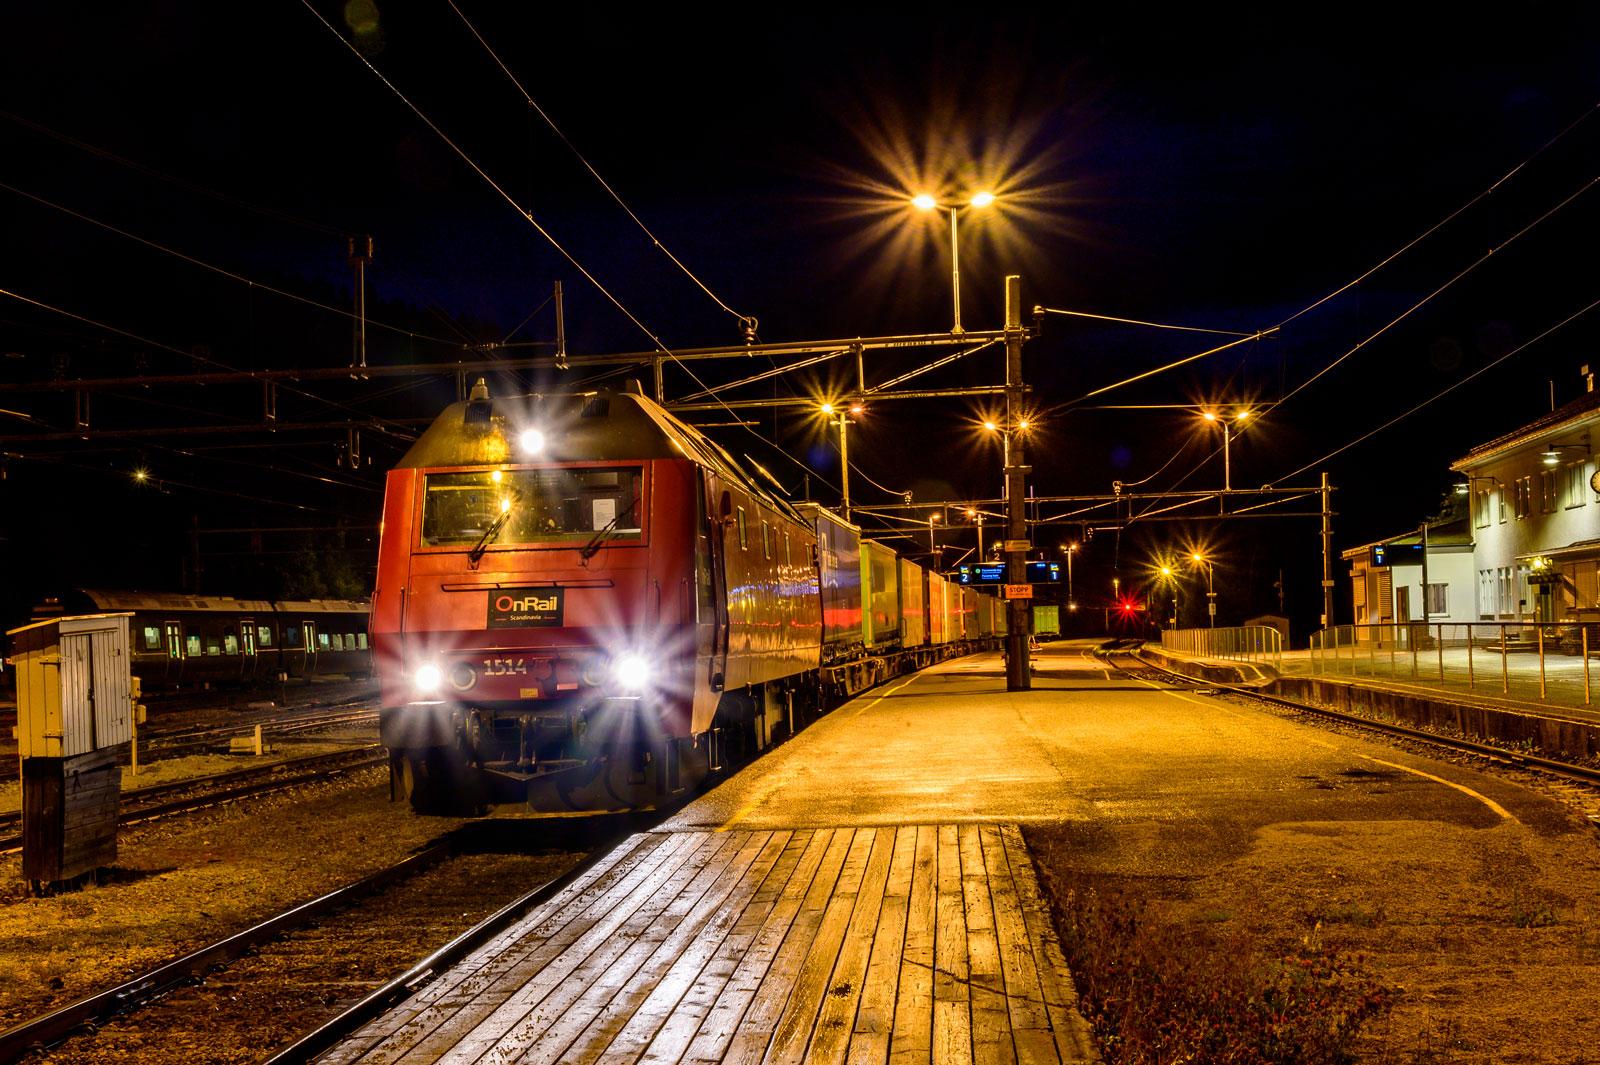 die Raumabahn in Norwegen